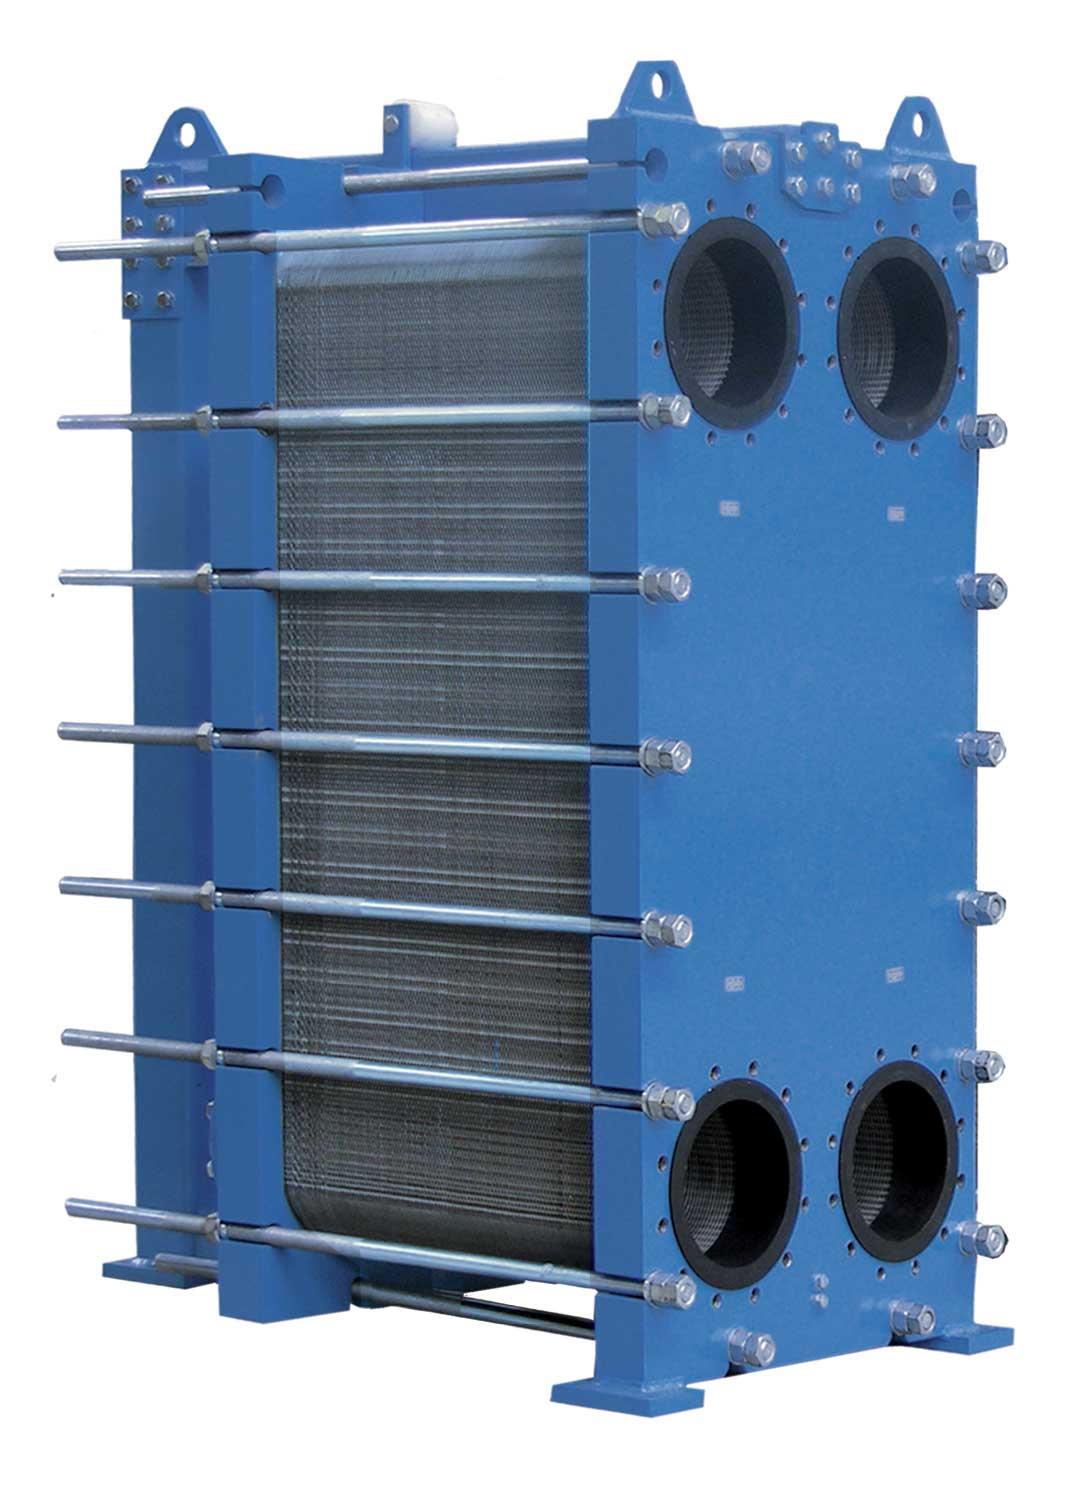 Пластинчатый теплообменник Funke FP 10 Жуковский Уплотнения теплообменника Alfa Laval A15-BW FDR Комсомольск-на-Амуре